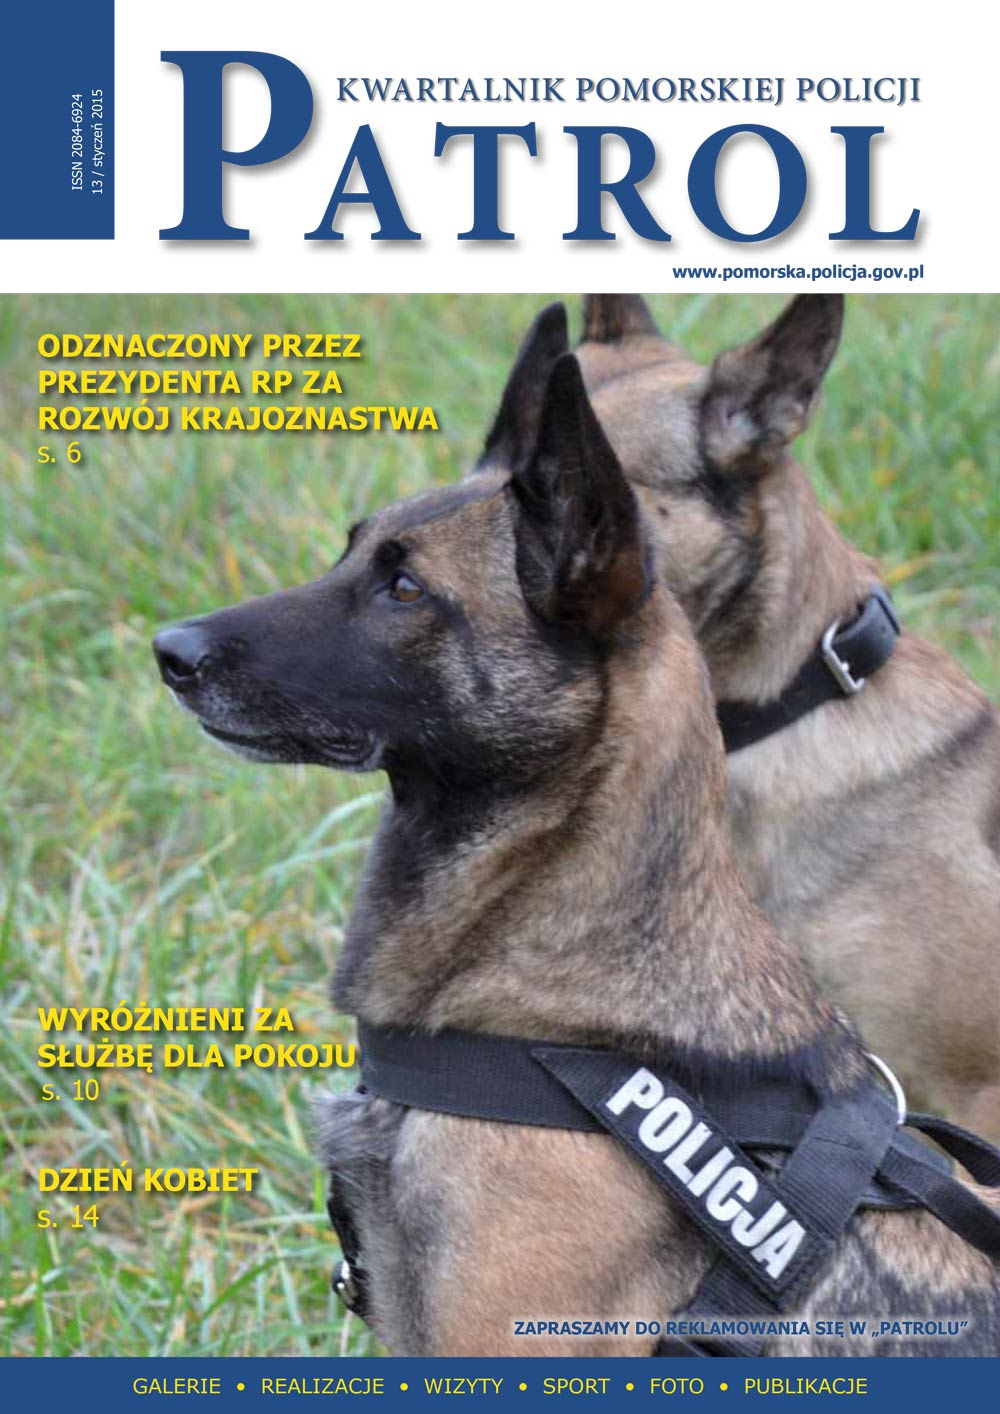 [2015, 01] PATROL. KWARTALNIK POMORSKIEJ POLICJI. - 2014, [nr] 13 / marzec, www.pomorska.policja.gov.pl